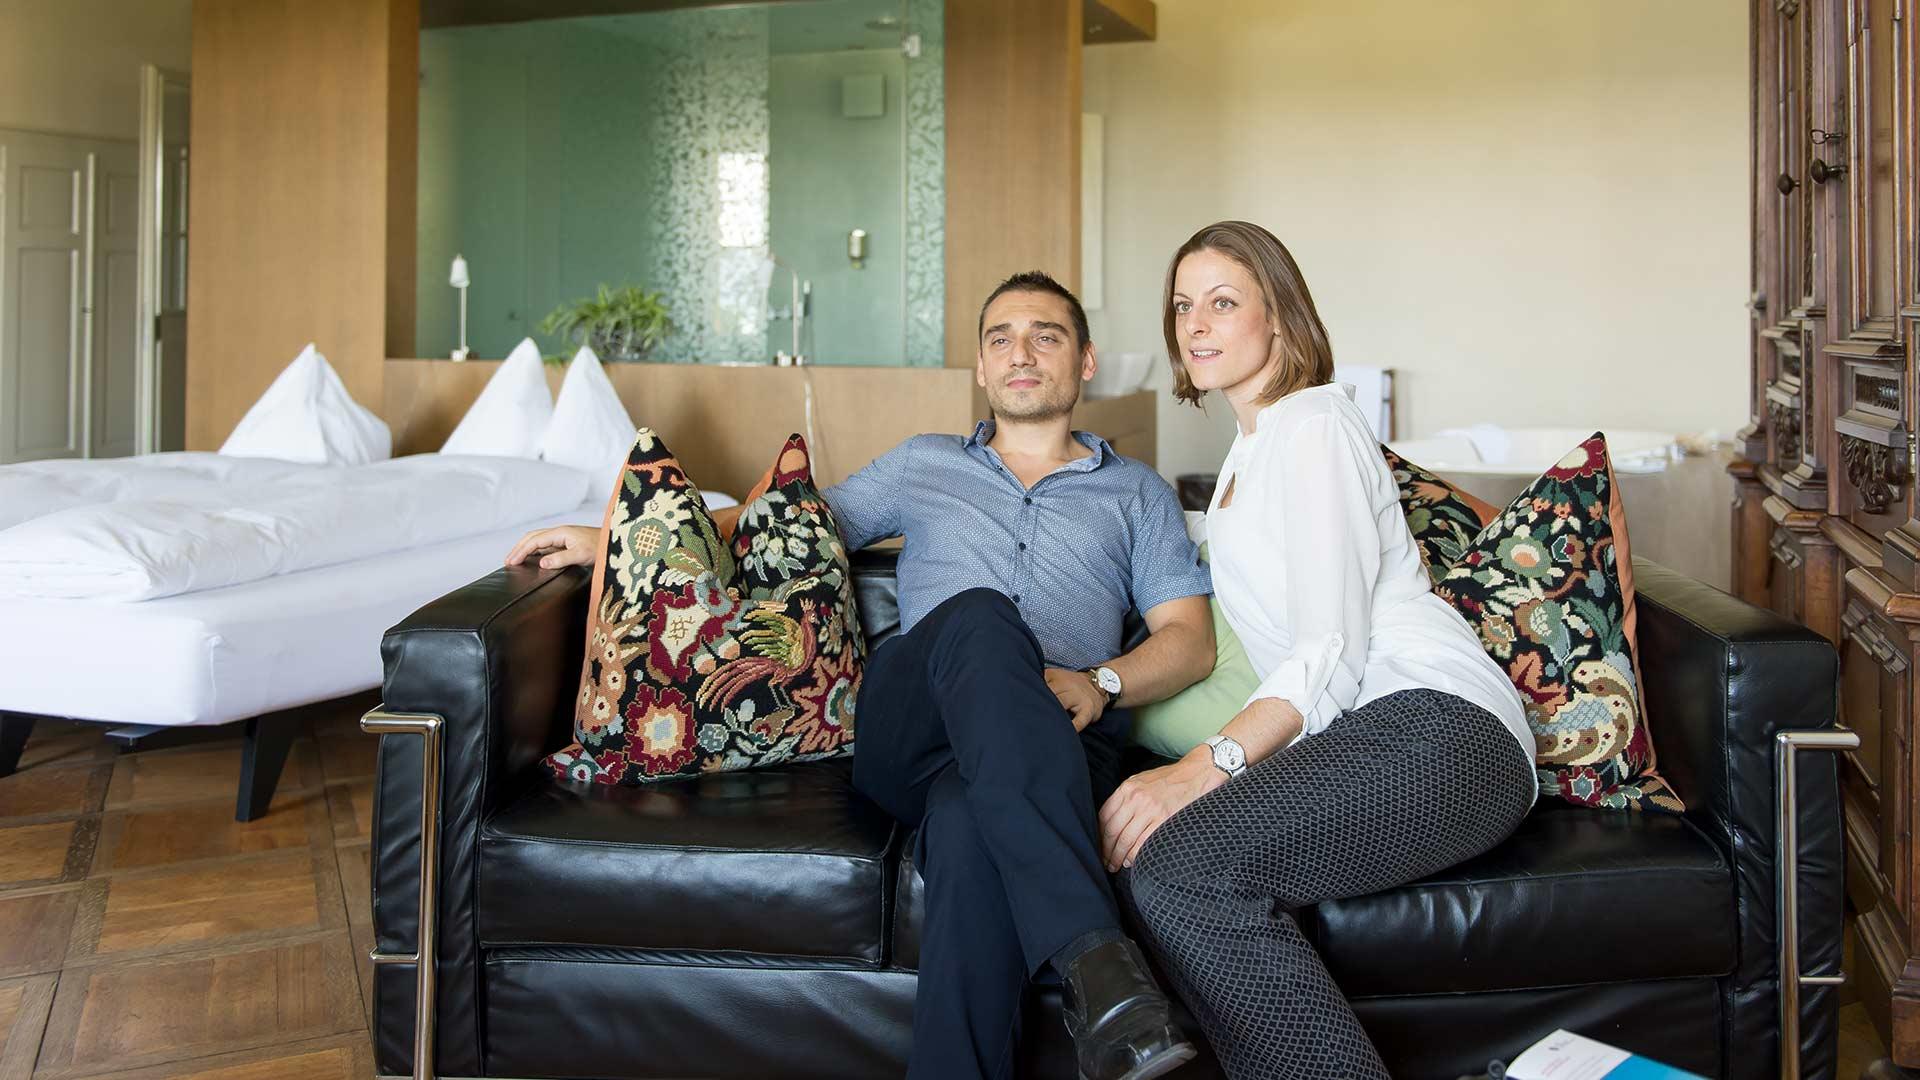 Gäste in der Modernen Suite